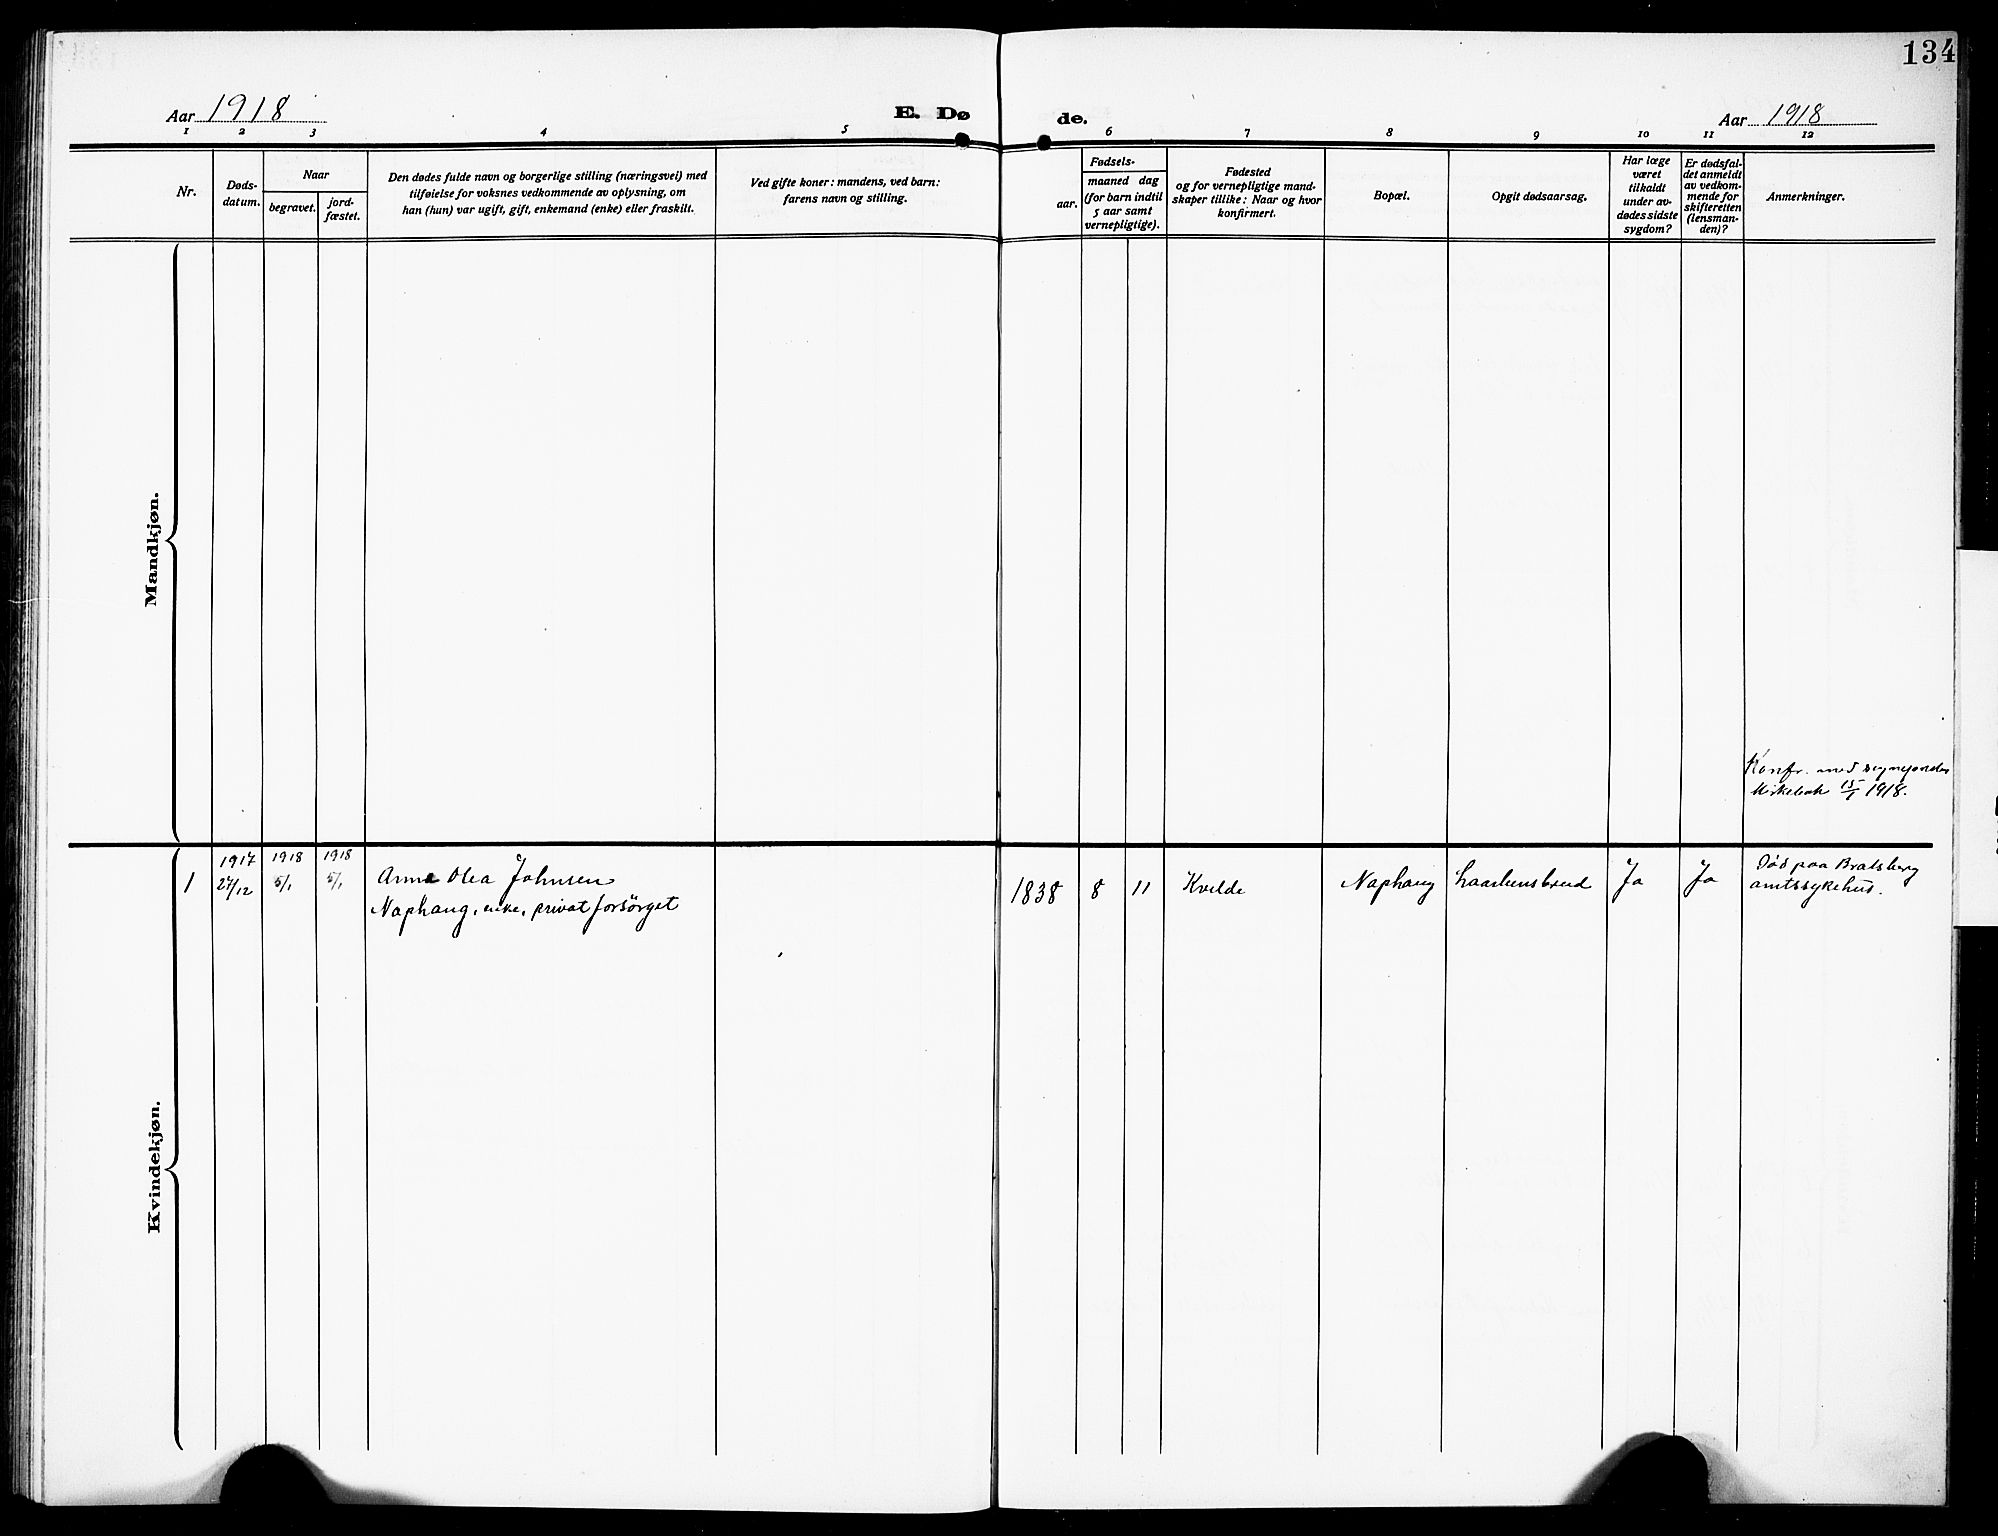 SAKO, Siljan kirkebøker, G/Ga/L0003: Klokkerbok nr. 3, 1909-1927, s. 134